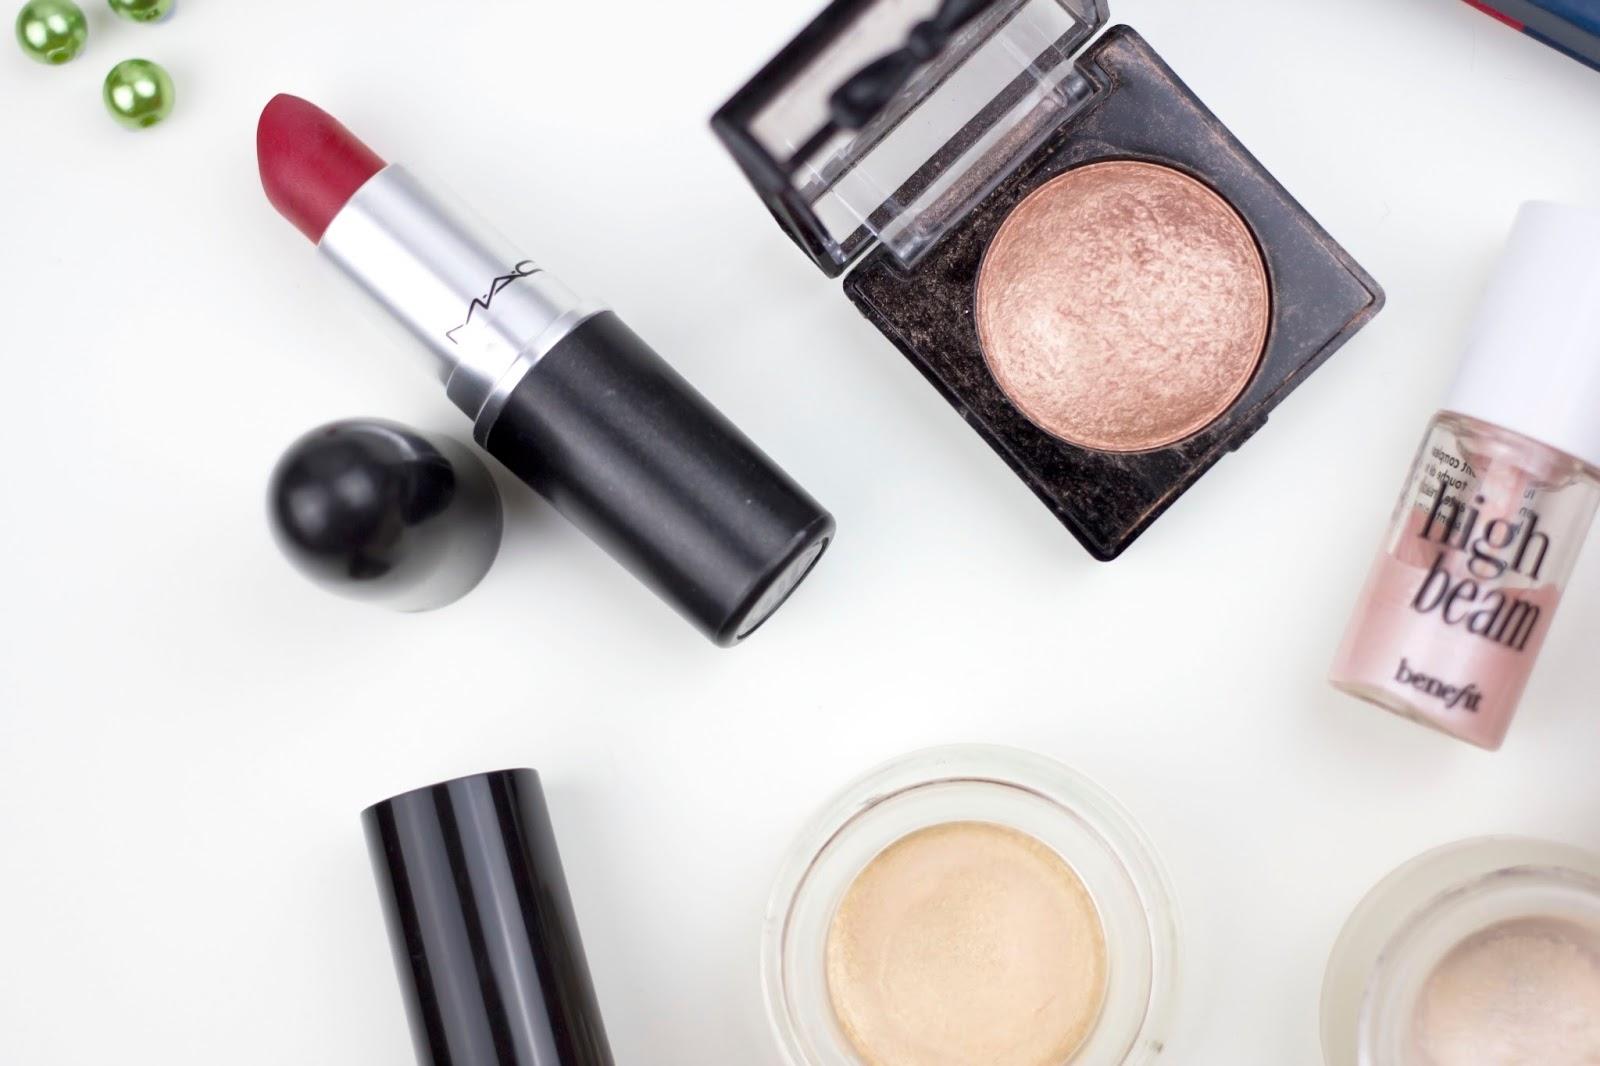 Makeup, Festive Makeup, Christmas Makeup Look, Katie Writes,